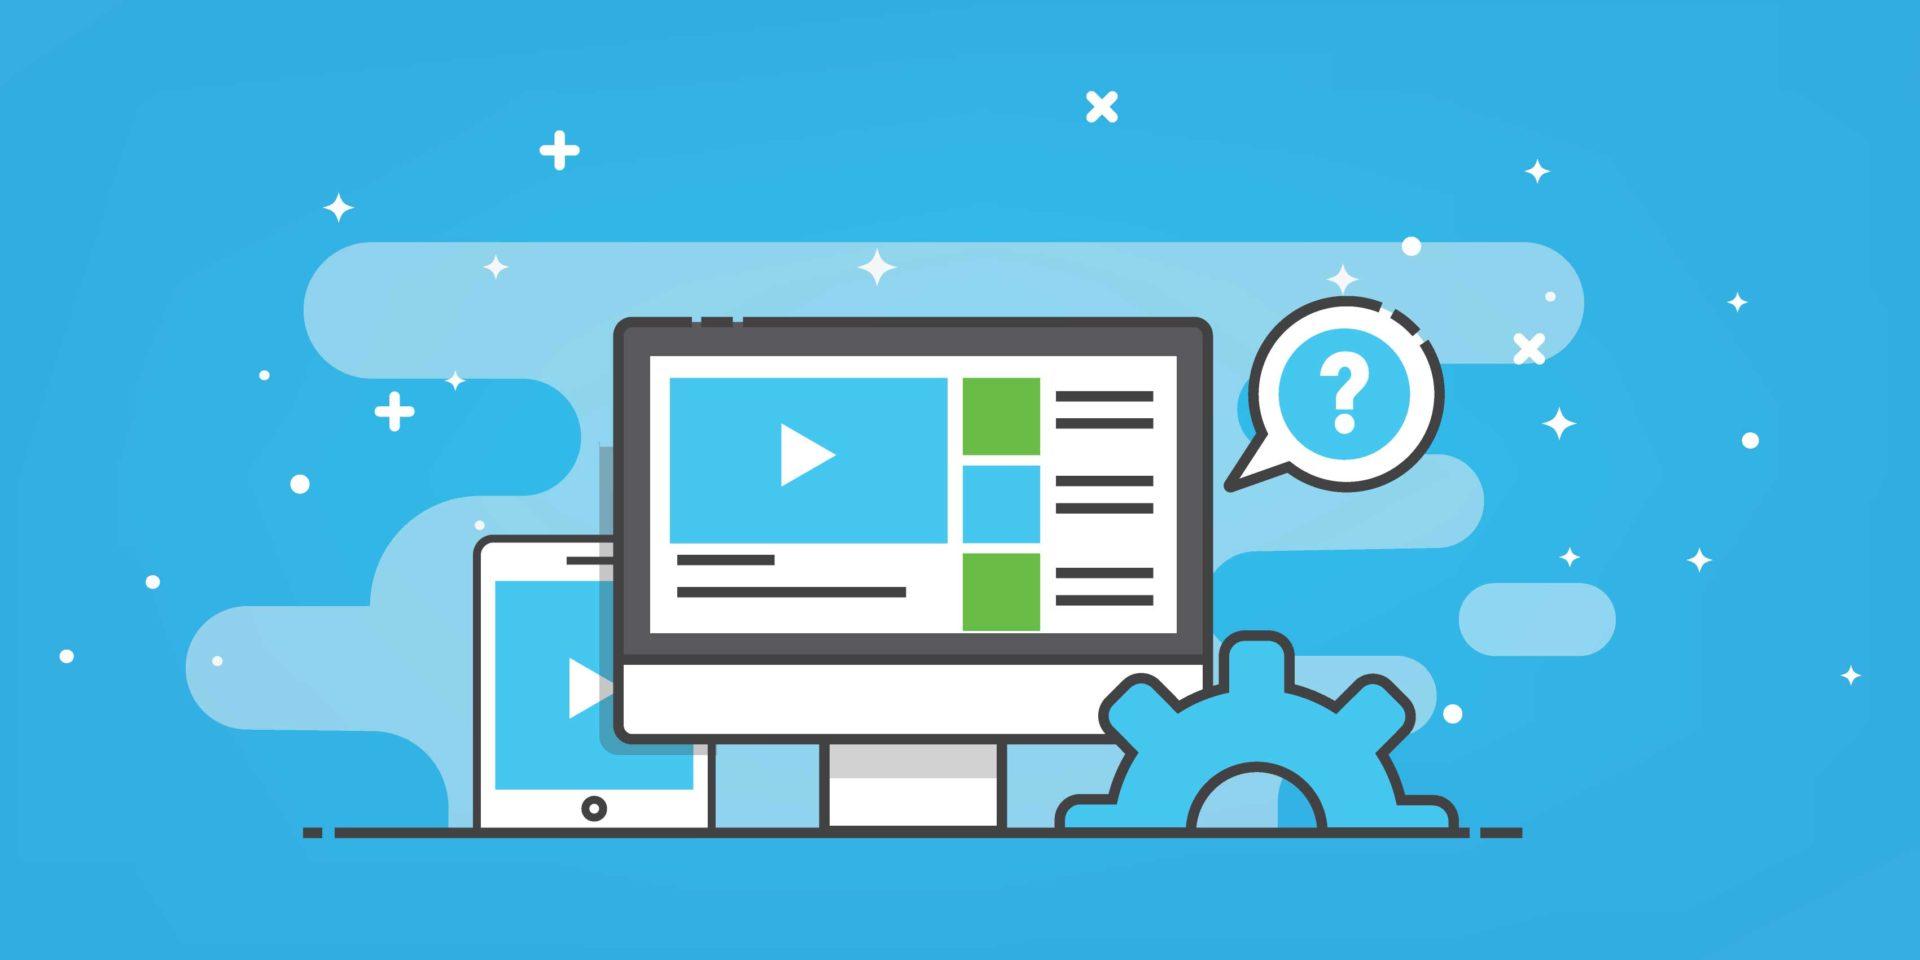 Produtora de Vídeo Institucional O que é um vídeo institucional Animado? Entenda para que serve este modelo de vídeo